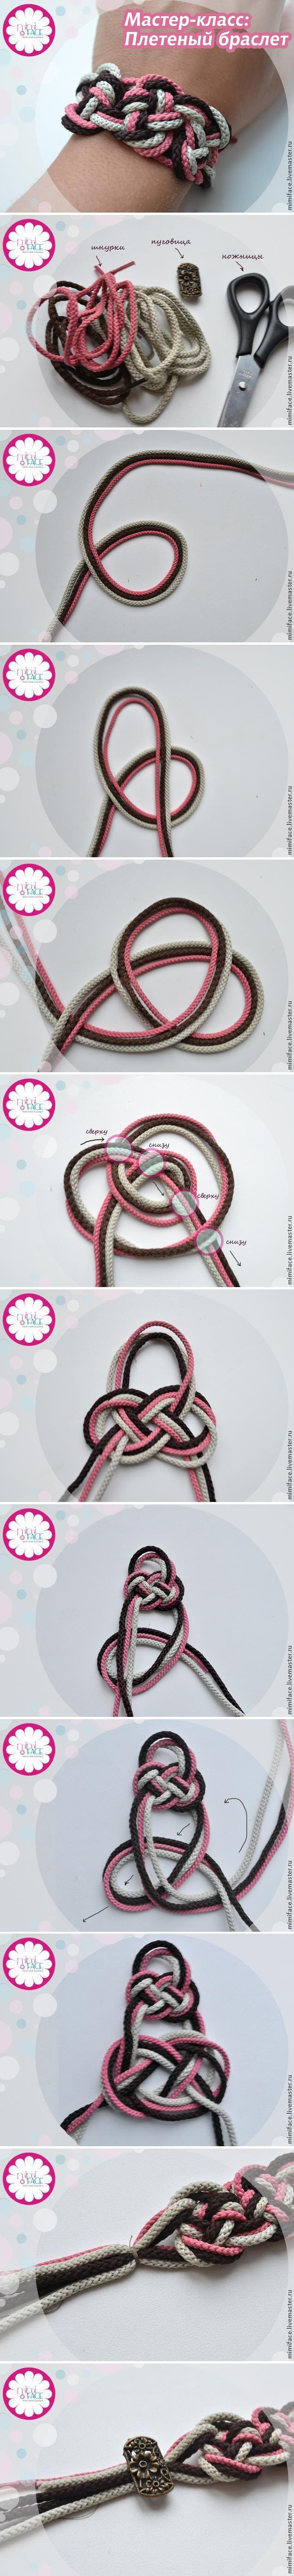 Мастер-класс: Плетеный браслет #diy #bracelet #weav